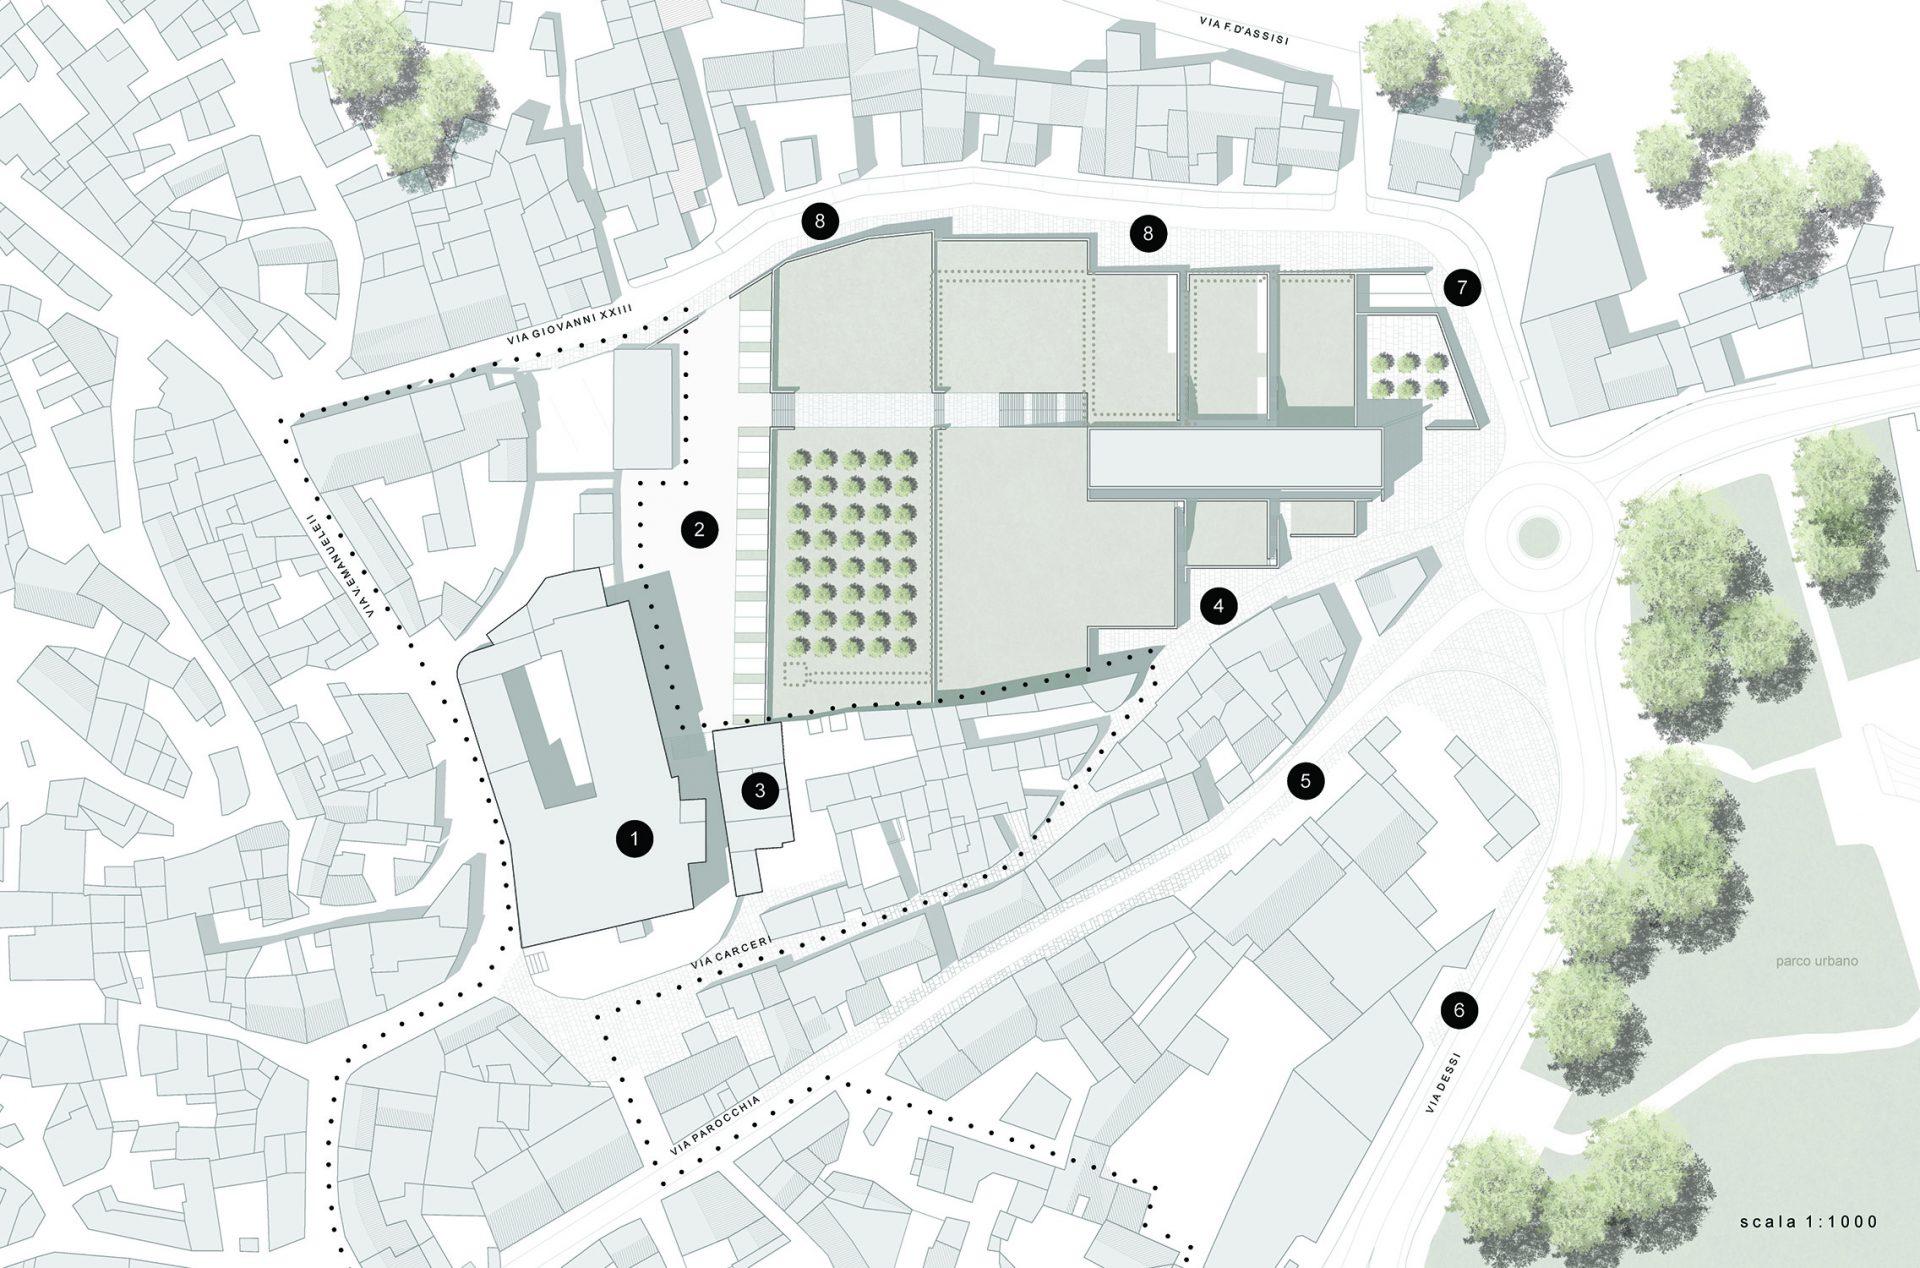 Planimetria urbana